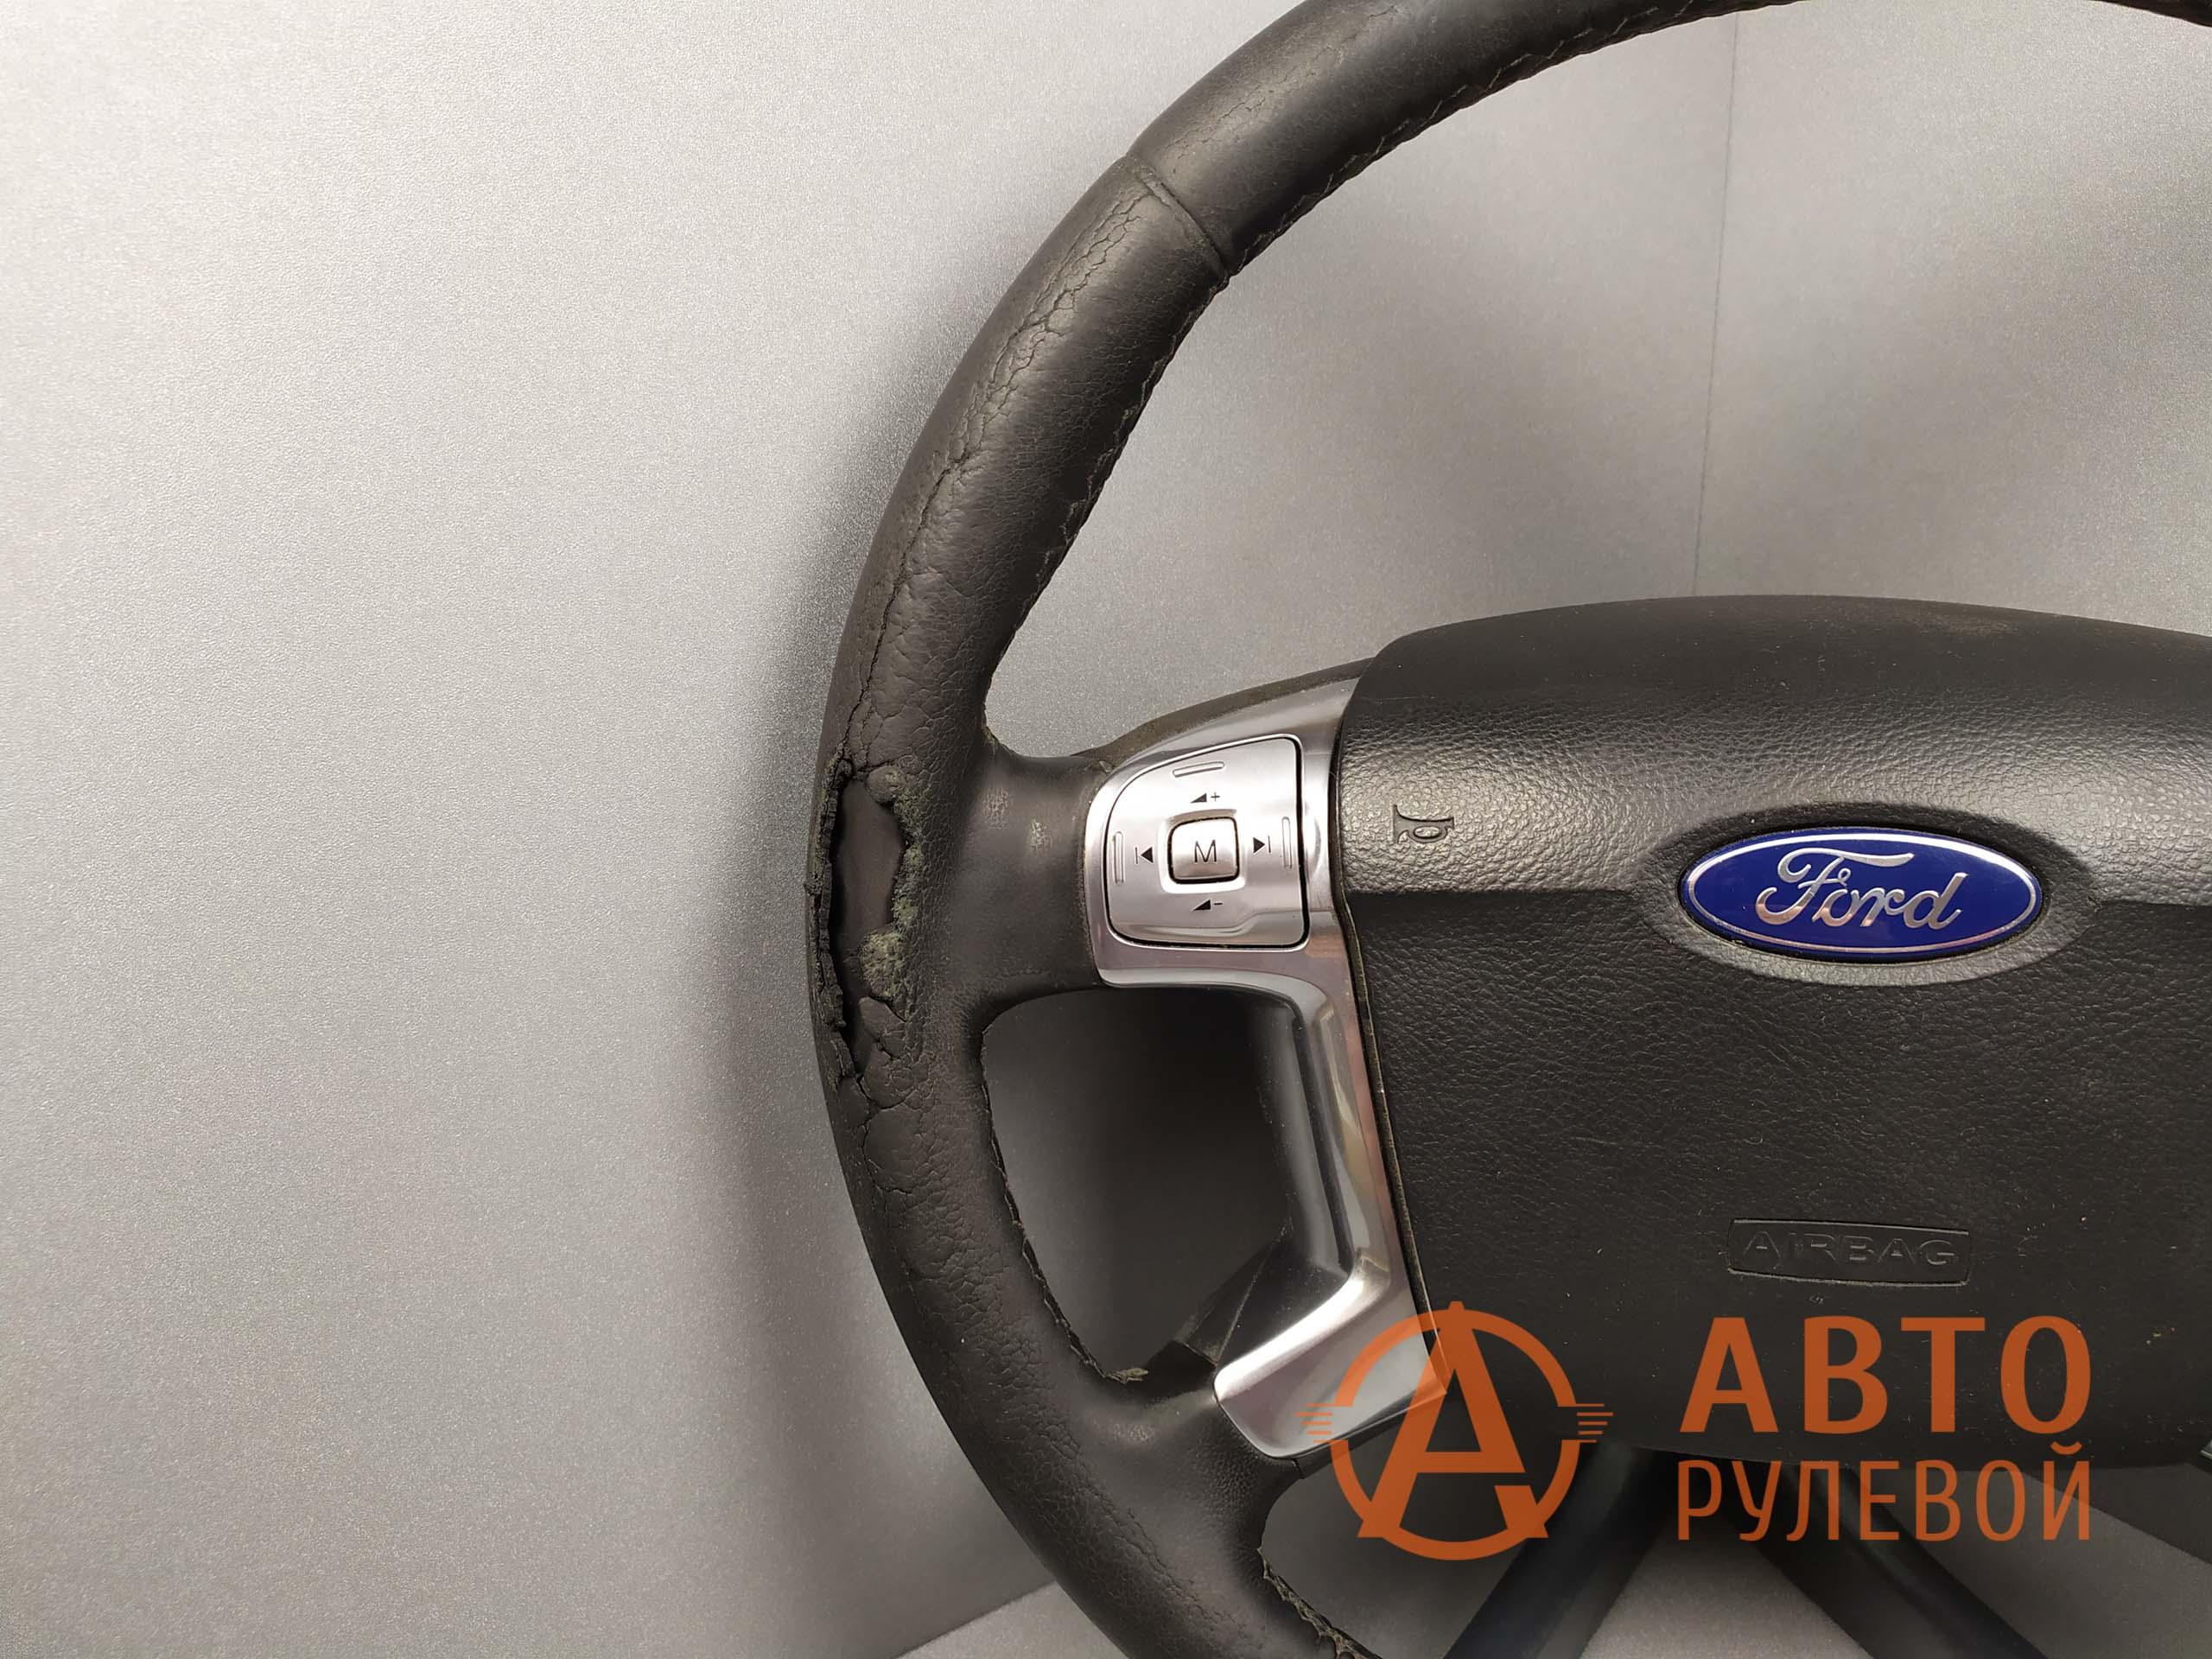 Руль Ford Mondeo 4 поколение рестайлинг 2010 до перетяжки - 5